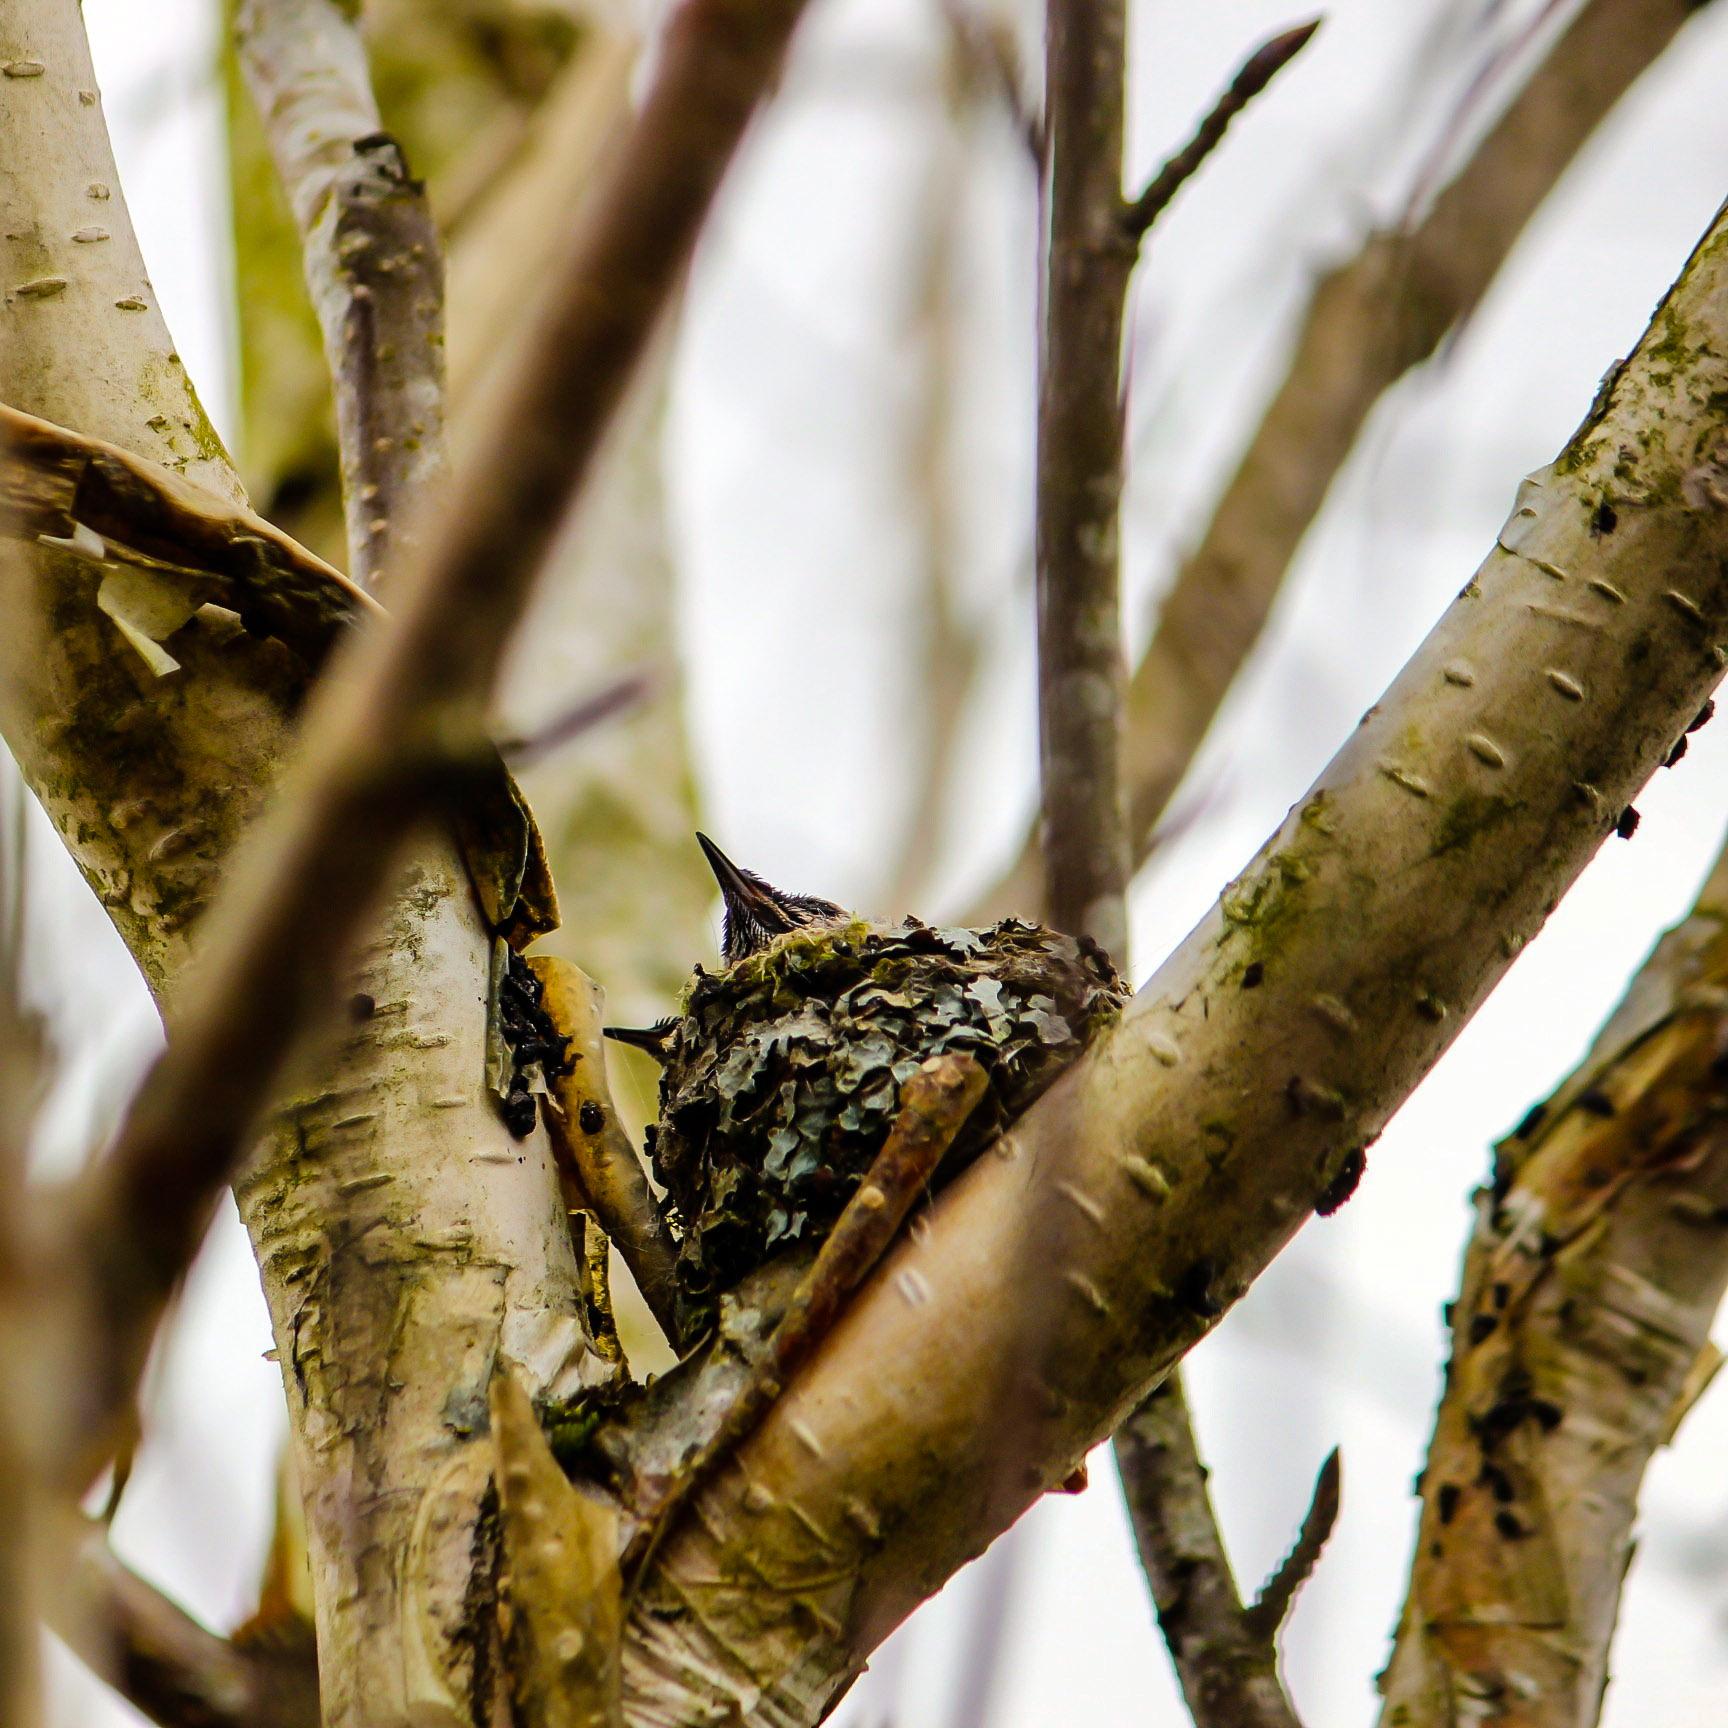 hummingbirdnest3.jpg